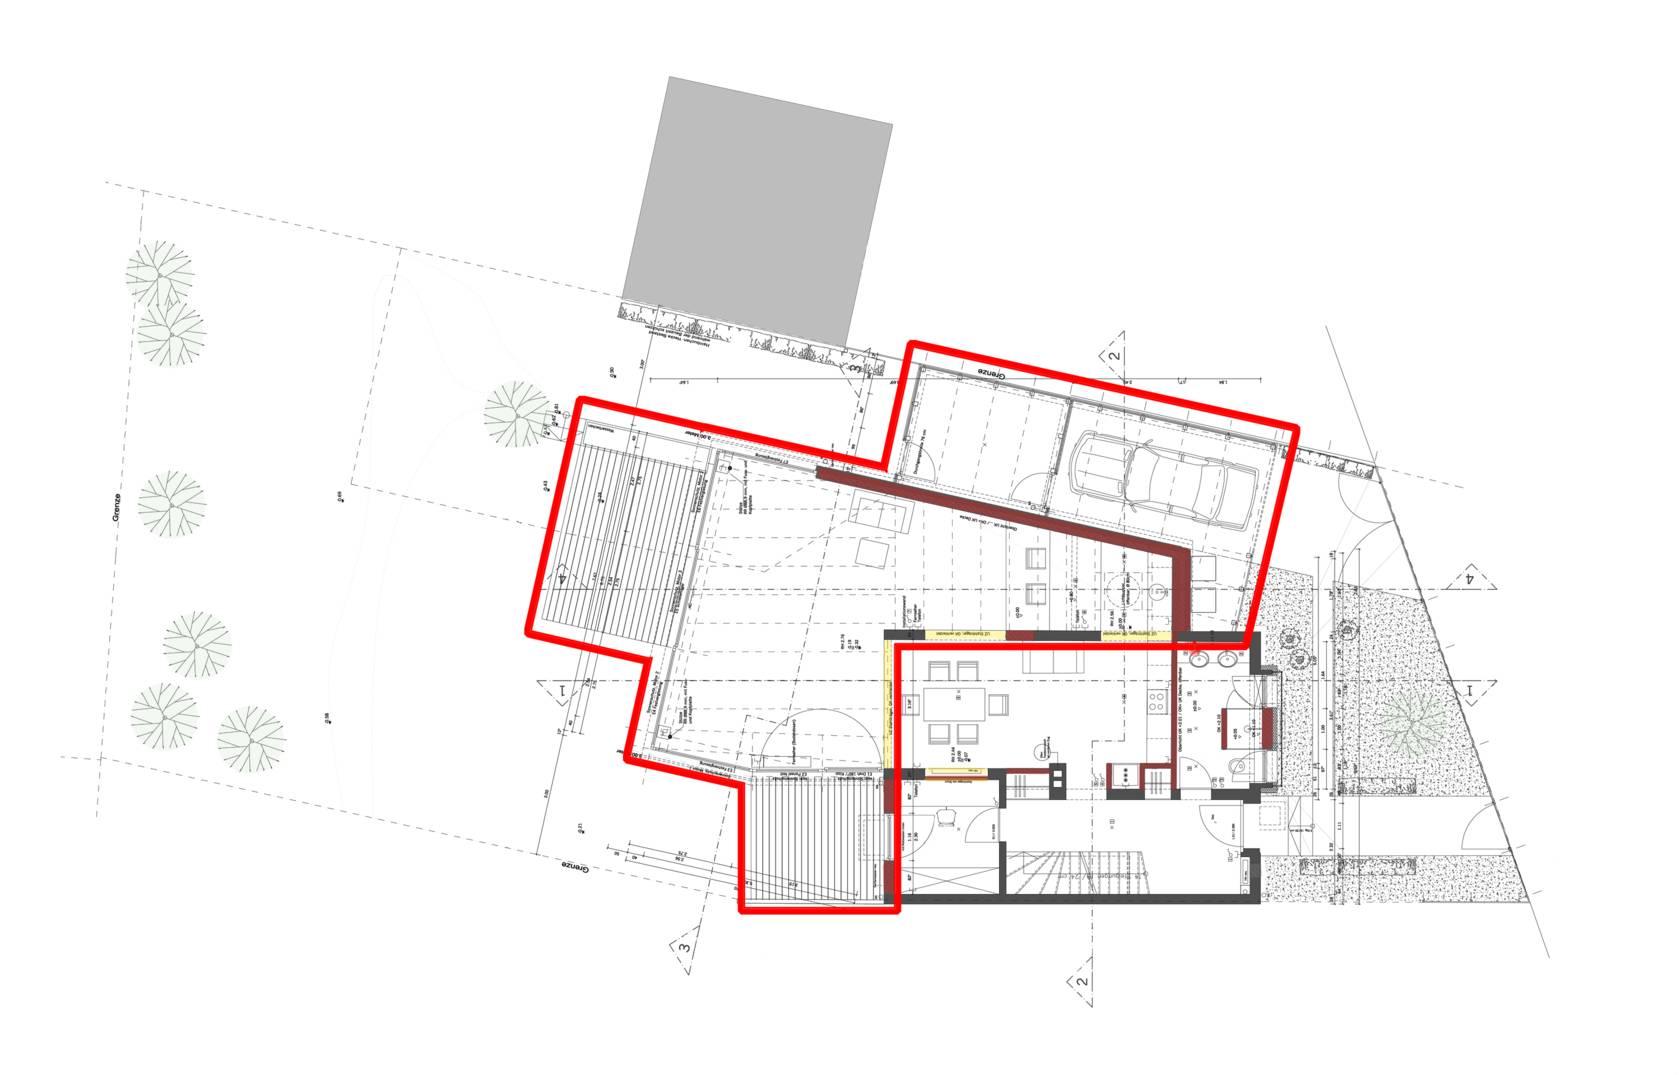 Erweiterung Eines Reiheneckhauses Mit Wintergarten Bauen Im Bestand